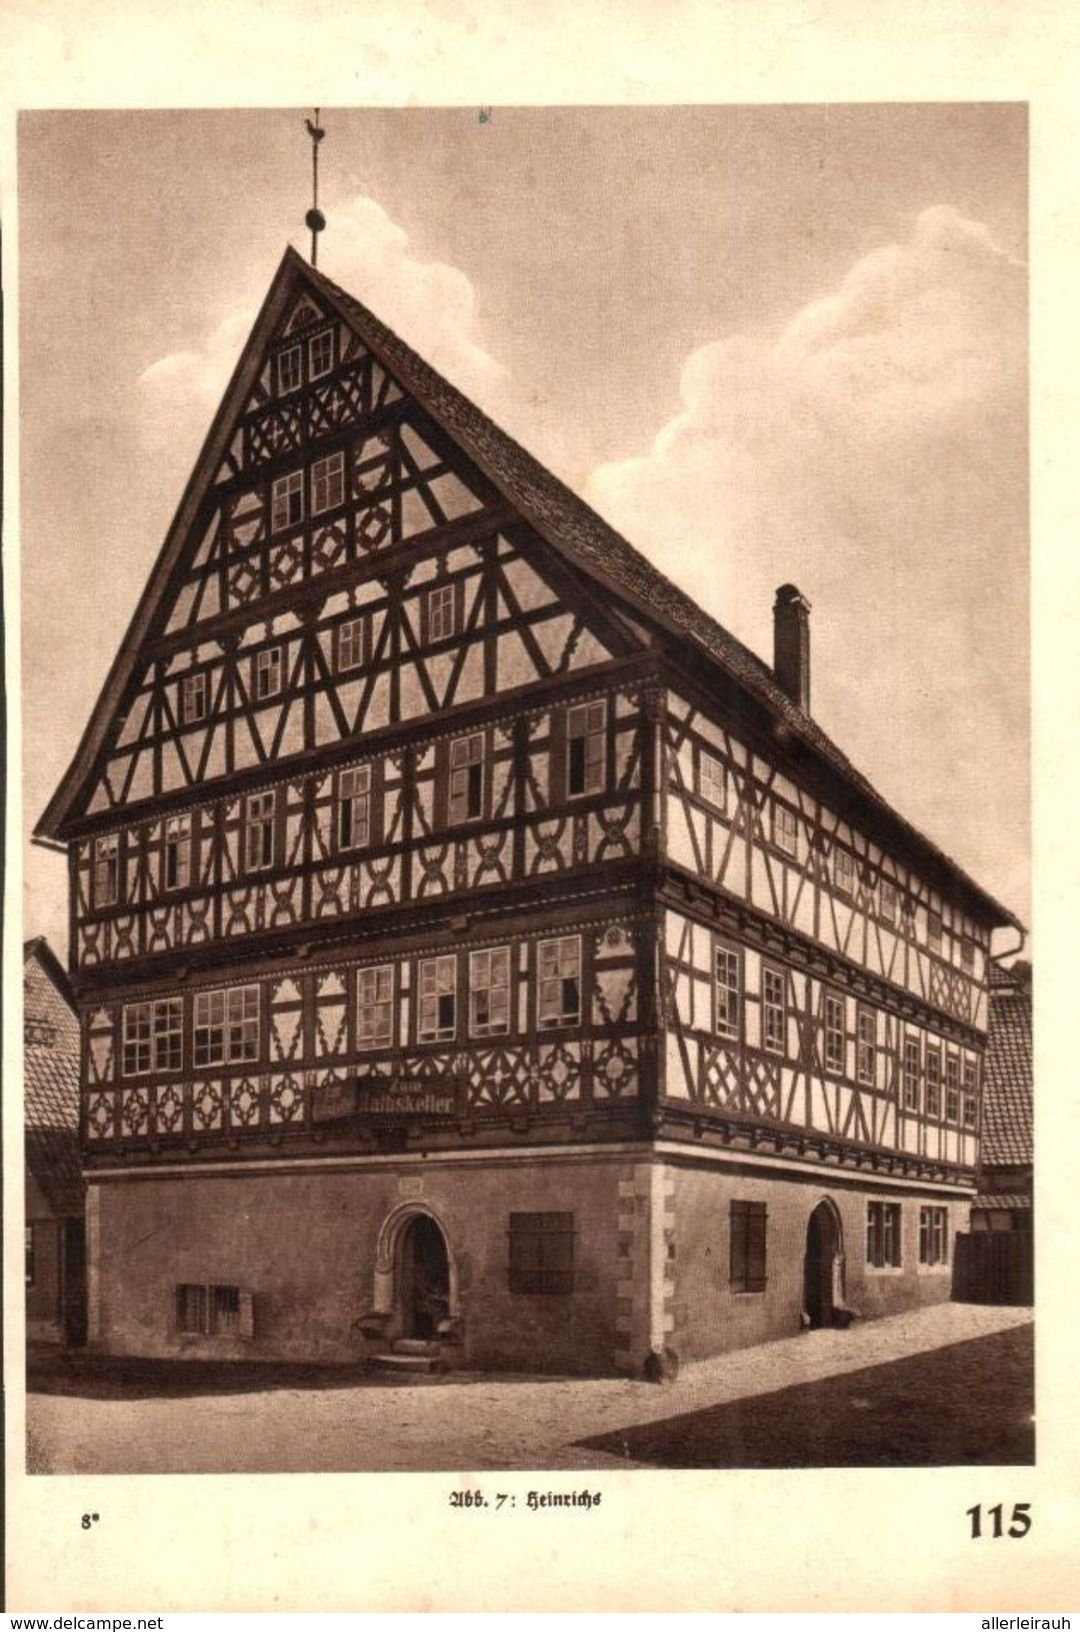 Rathäuser der Provinz Sachsen / Artikel, entnommen aus